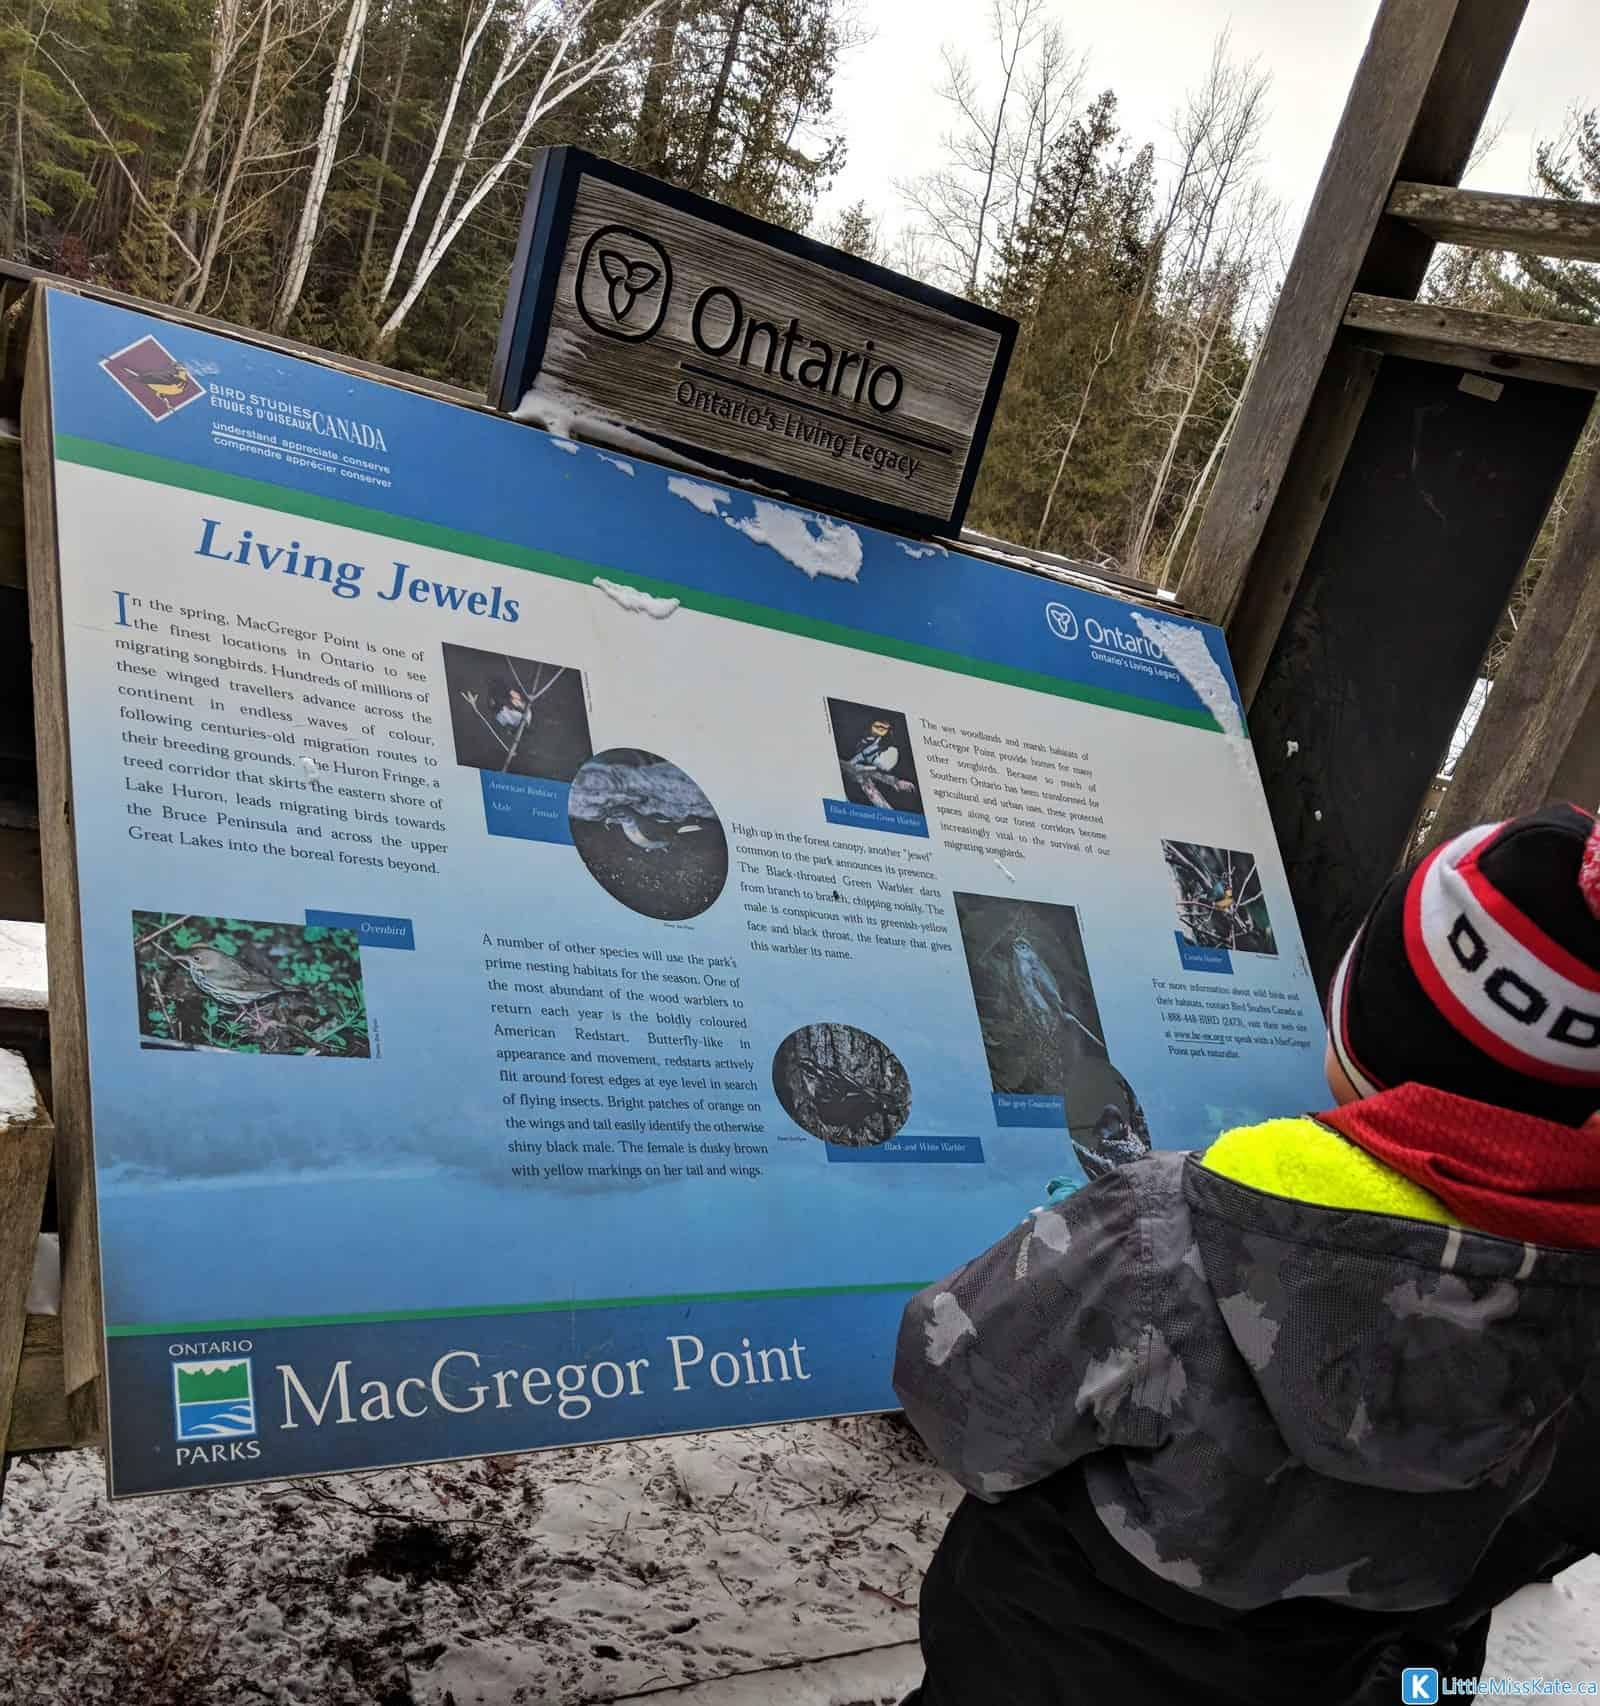 macgregor point provincial park hiking trails